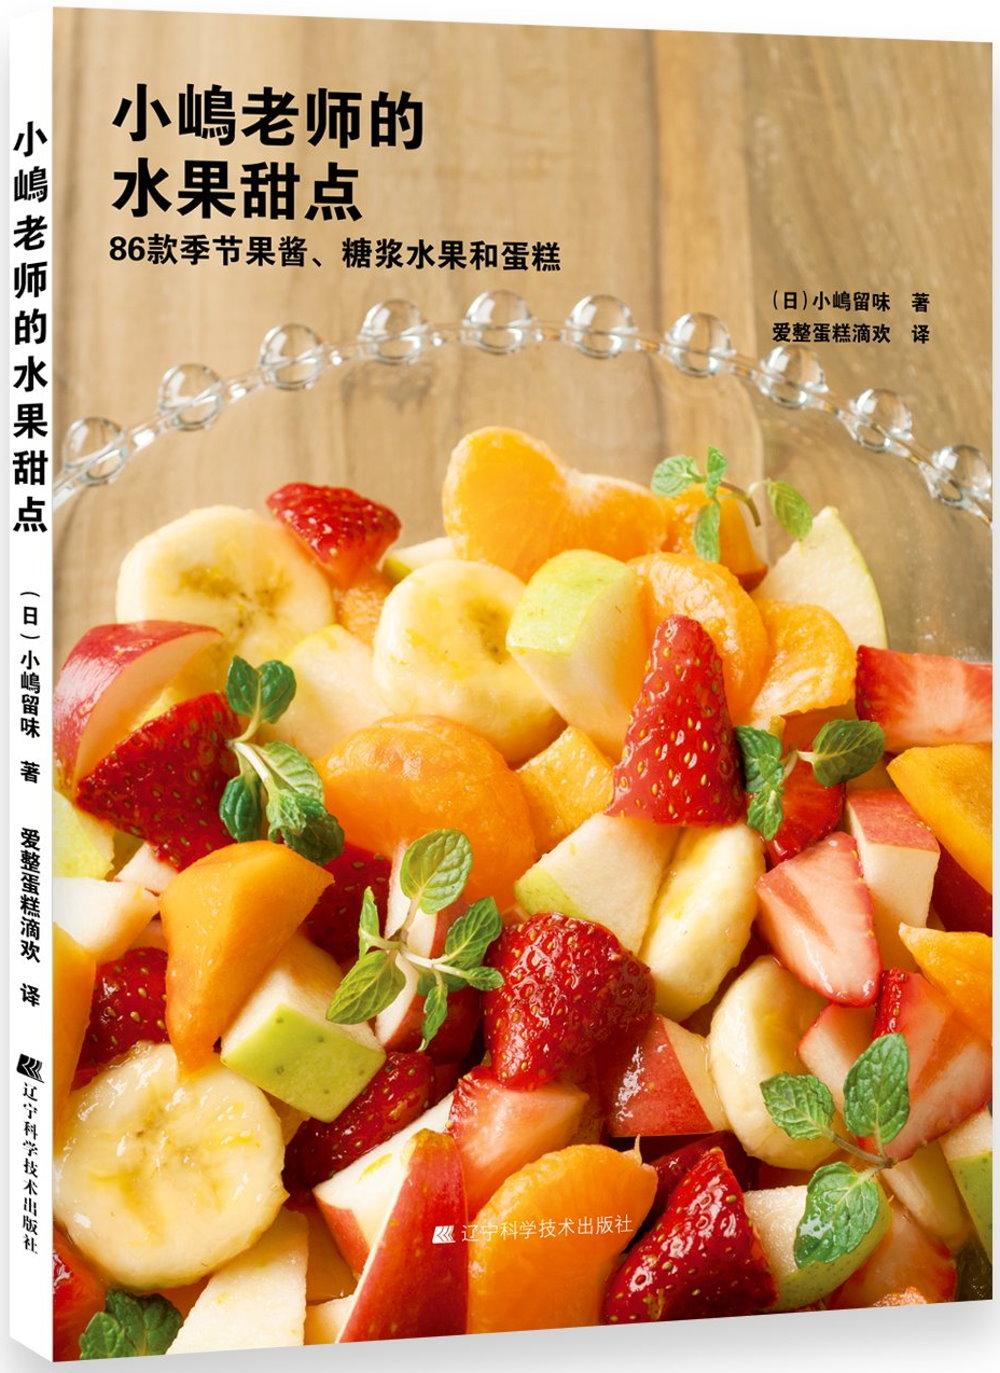 小島老師的水果甜點:86款季節果醬、糖漿水果和蛋糕